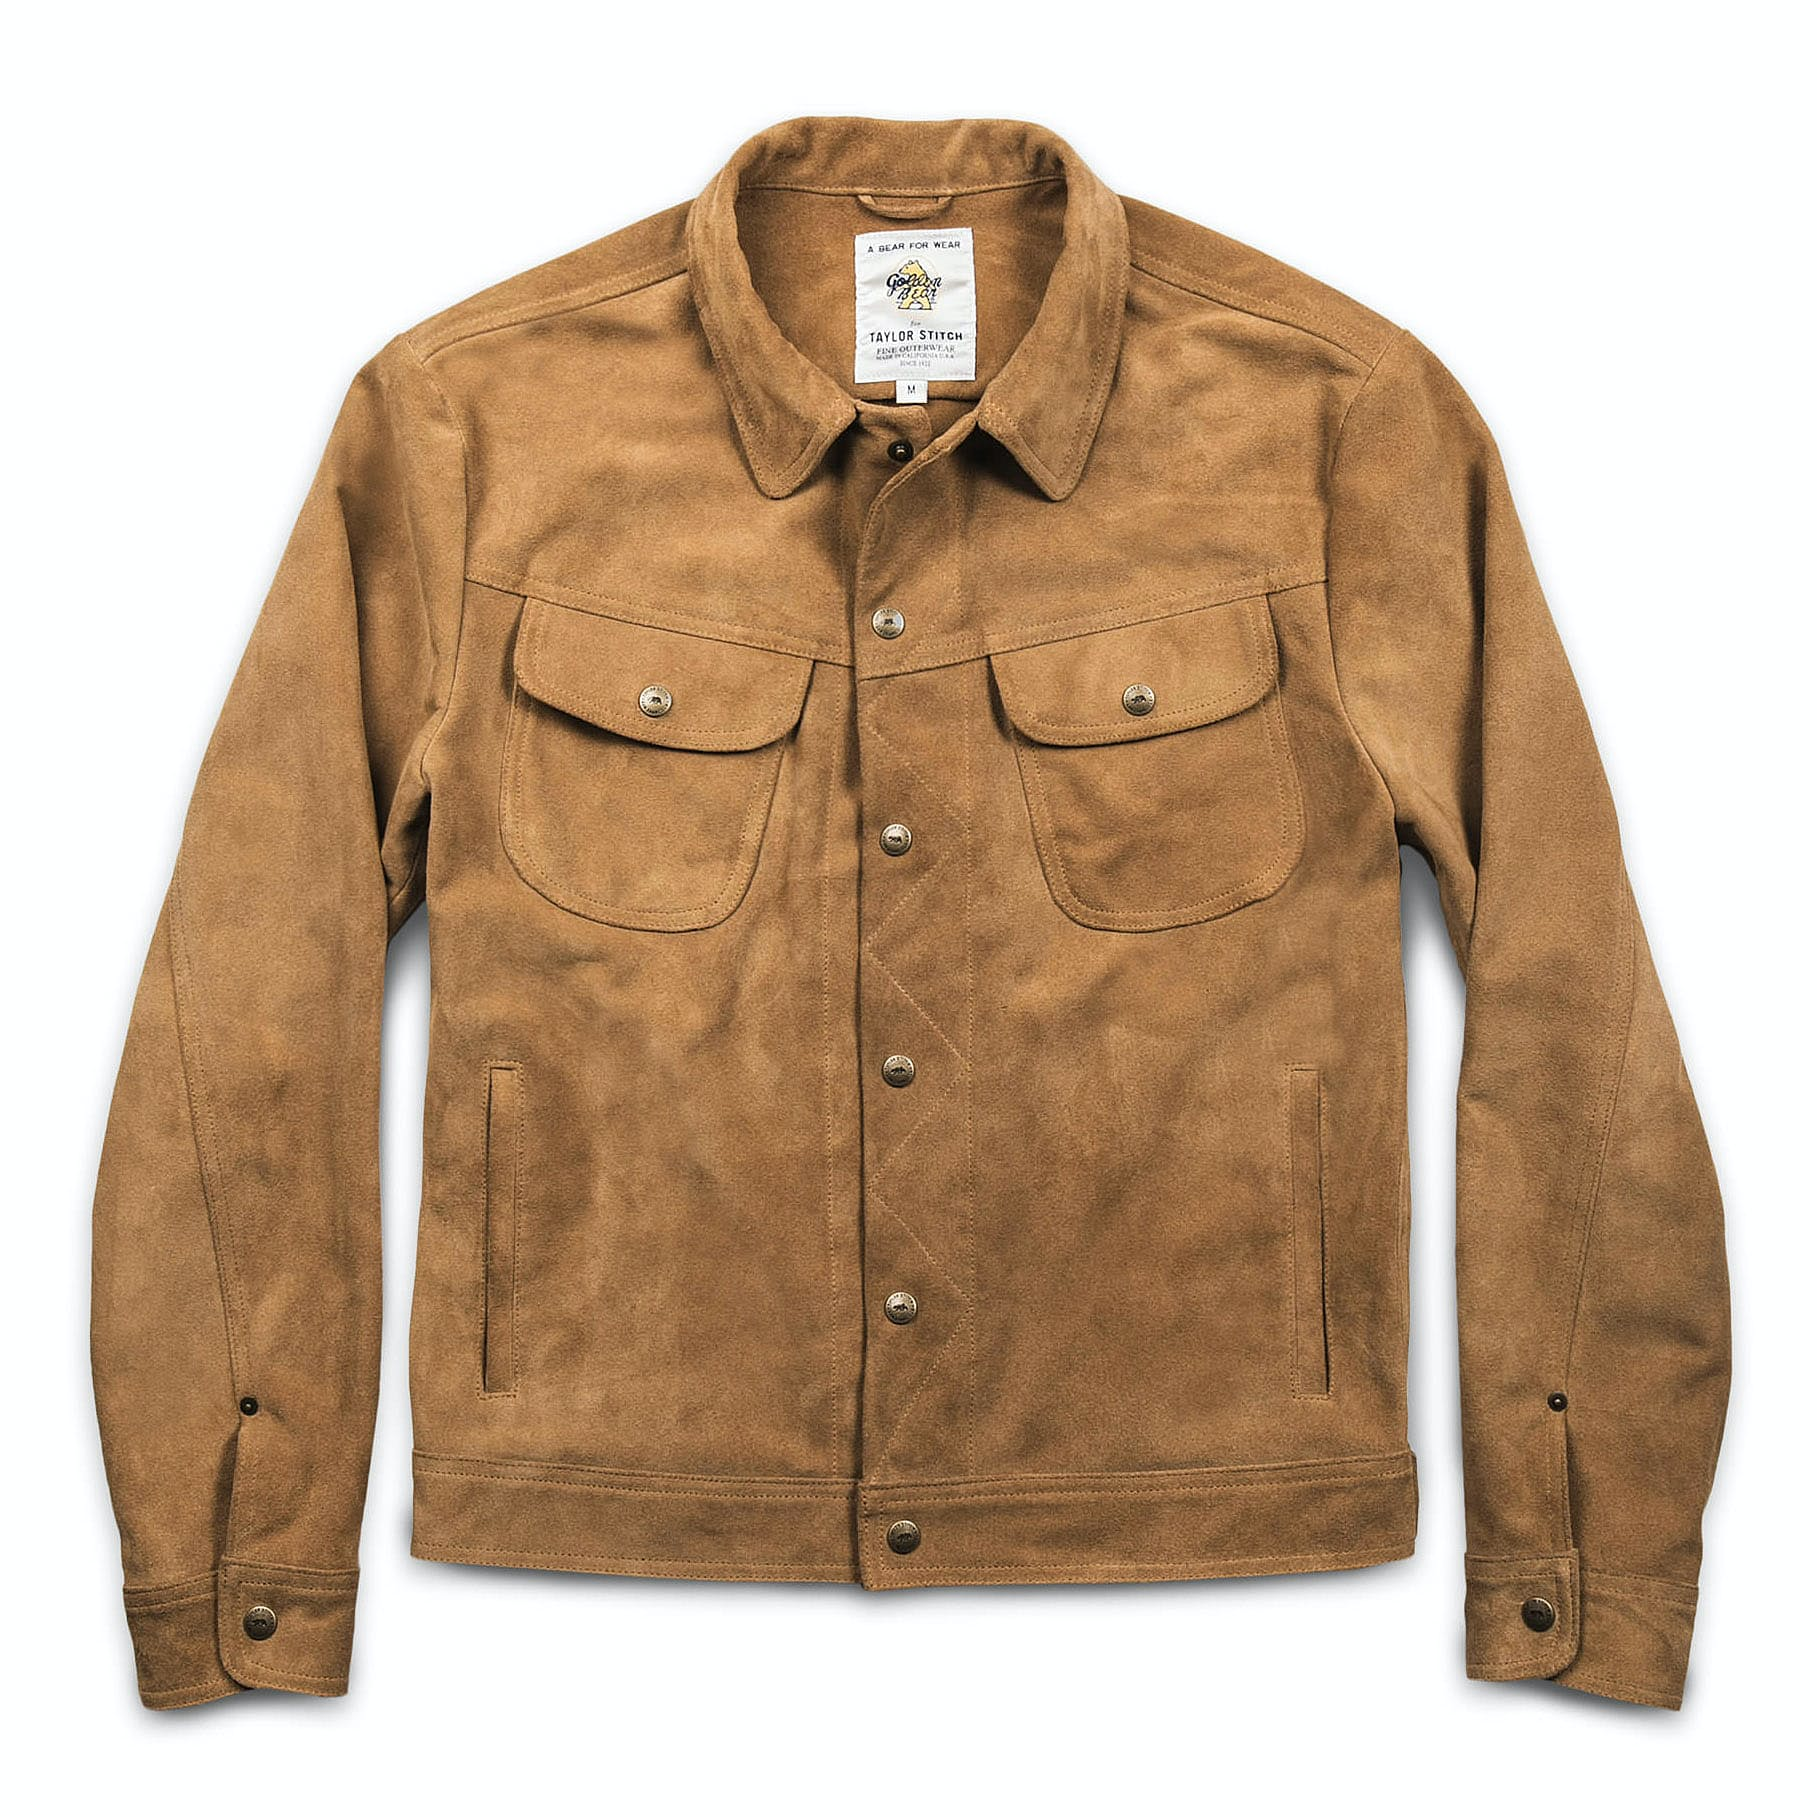 Etj1se6fet taylor stitch the long haul jacket 0 original